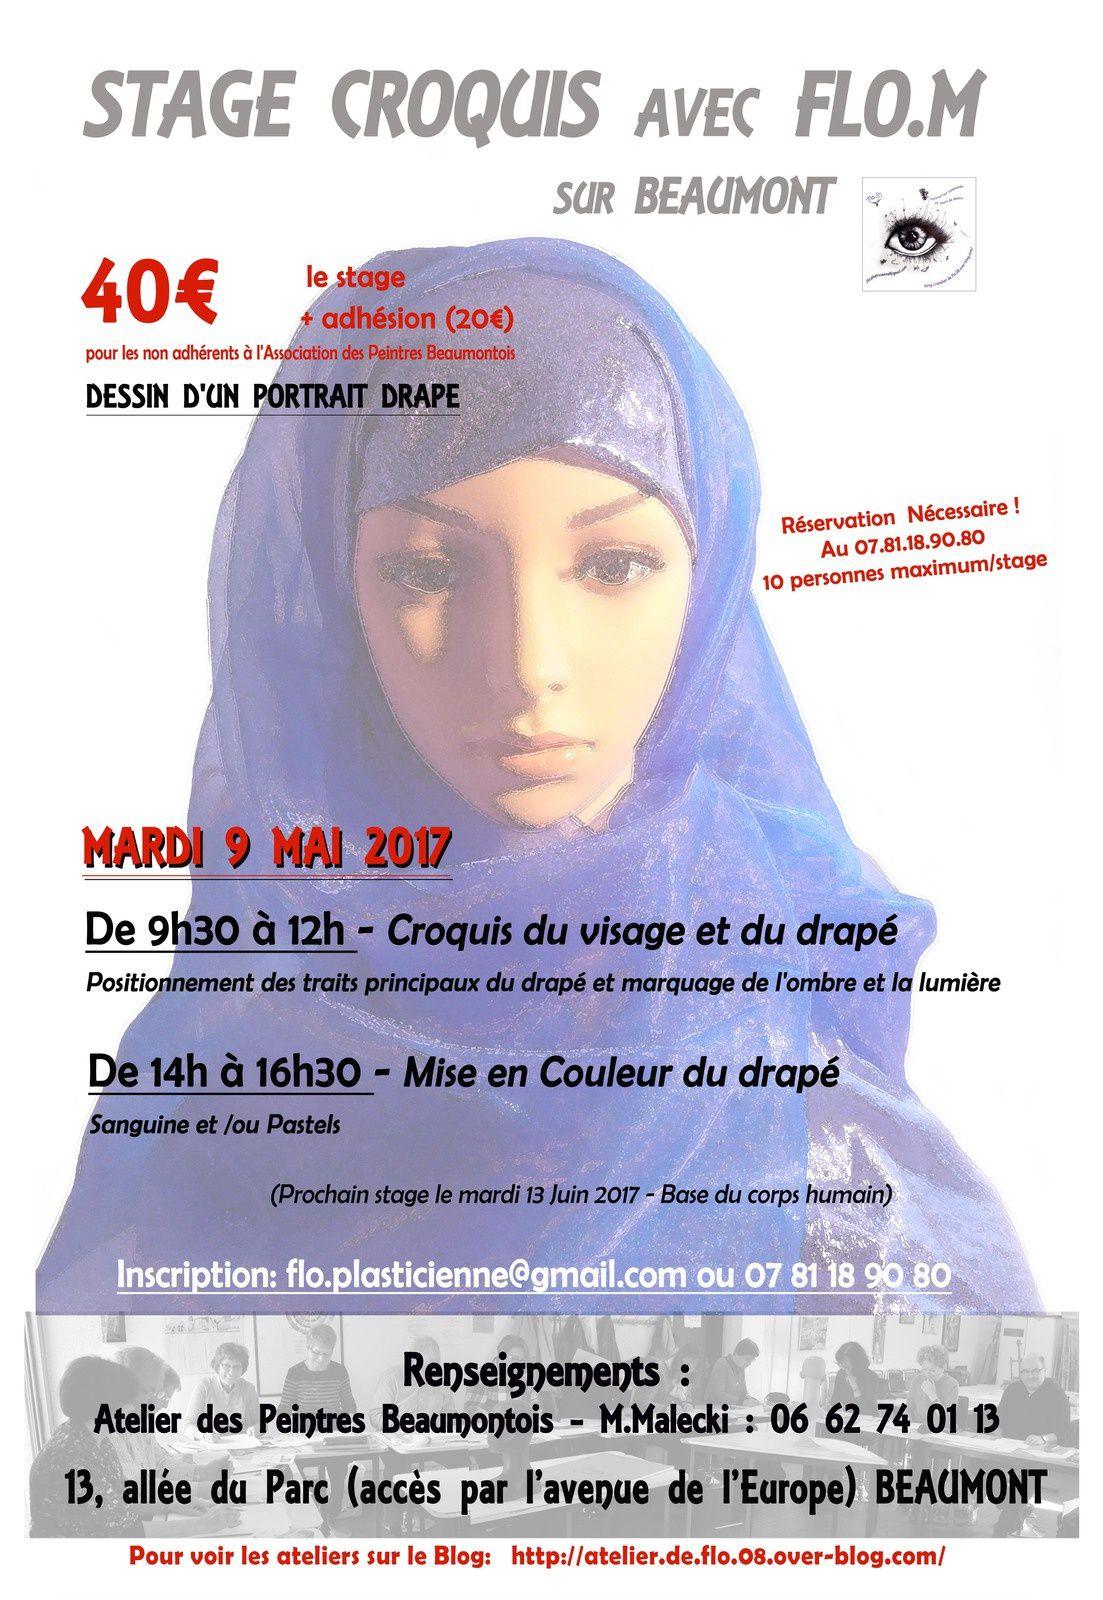 Prochain stage avec Flo.M le MARDI 9 MAI à l'atelier des artistes Beaumontois